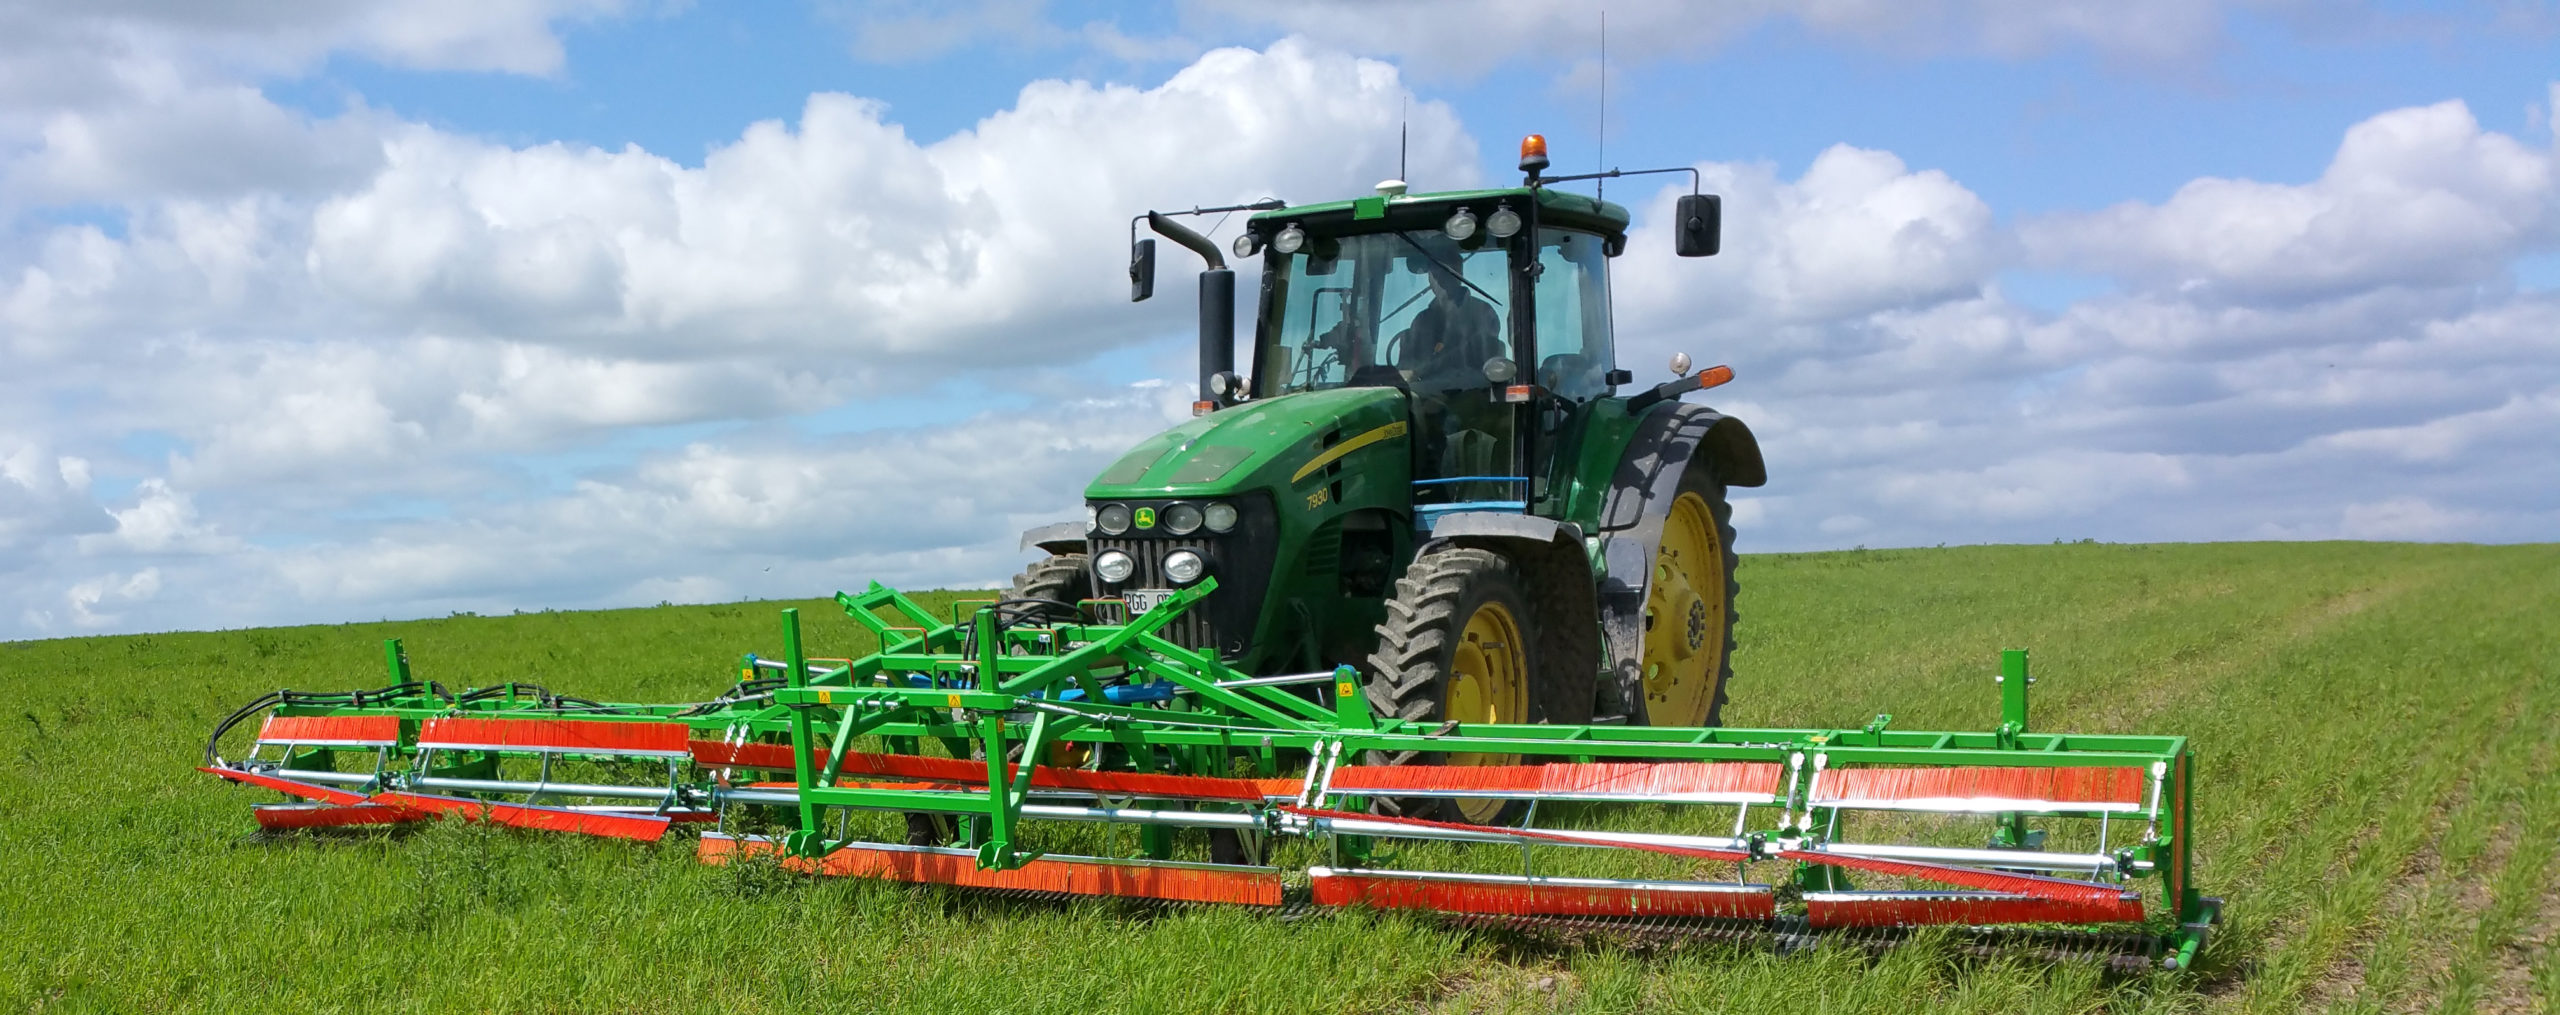 8005 Skärning tistel mm beskuren m traktor